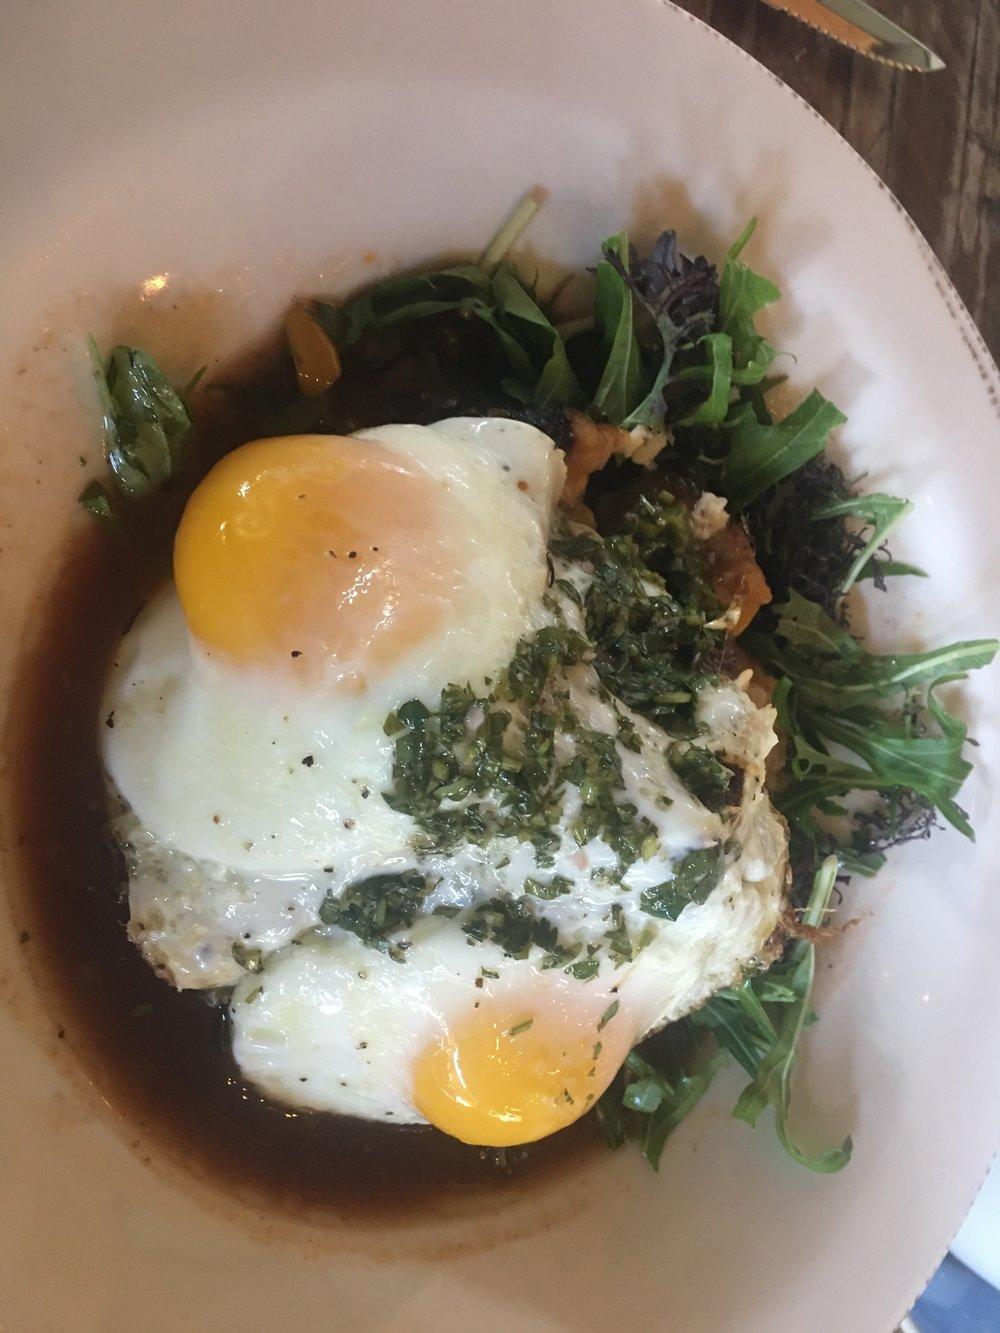 Braised Short rib over cheese potato cake & Mizuna Green, farm fresh egg, shaved fresh horseradish, and House made chiimichurri